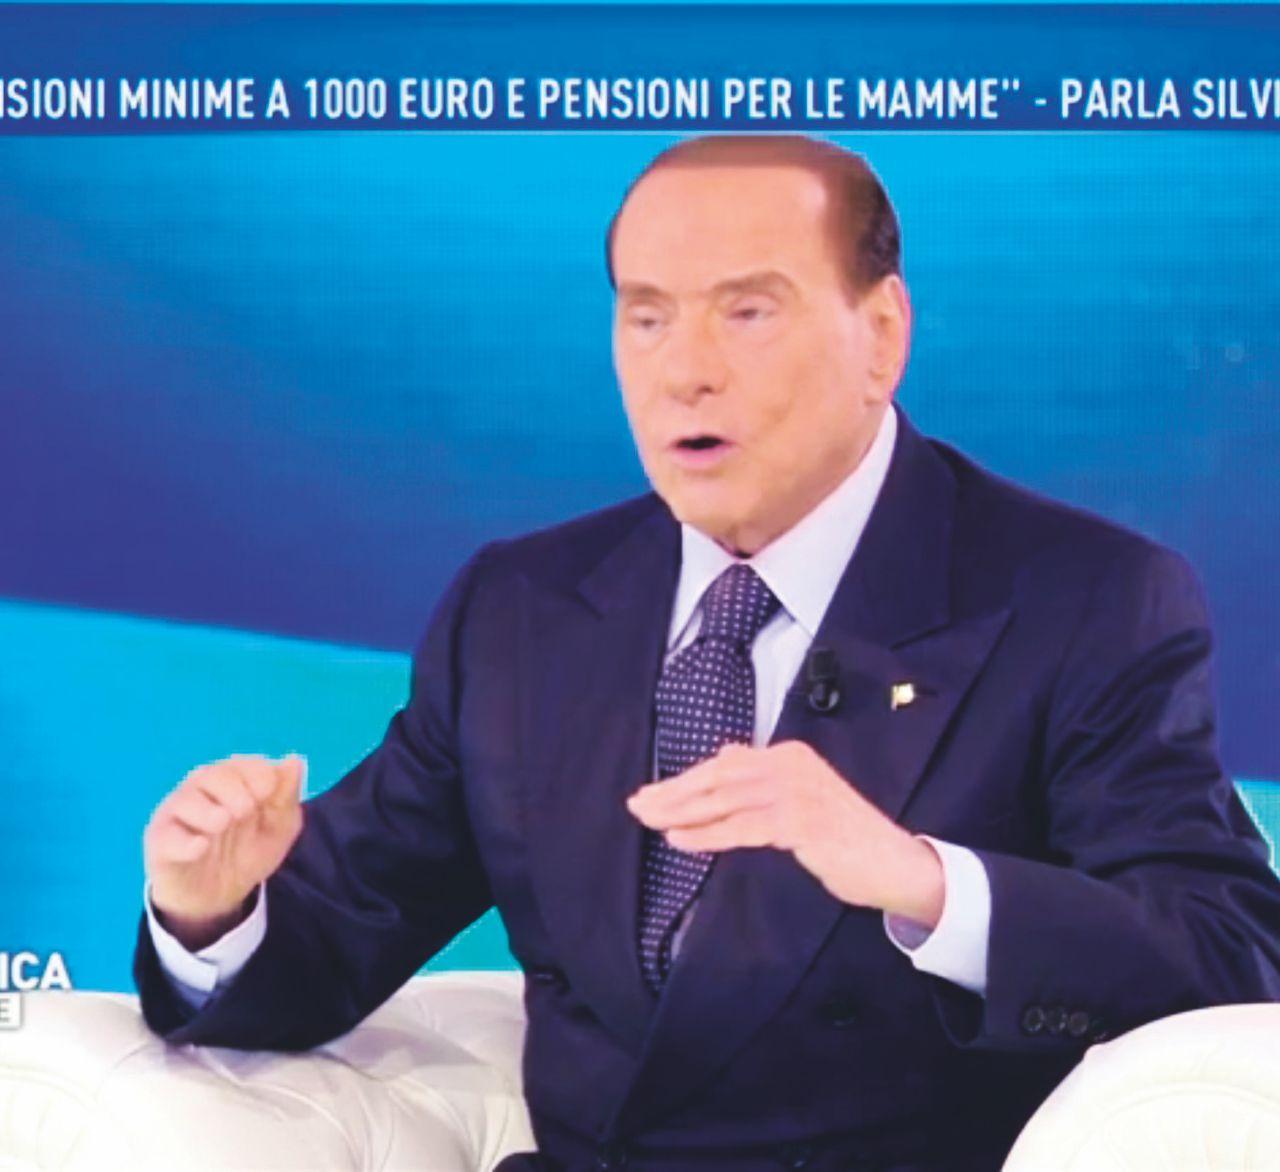 Sul Fatto del 15 gennaio – Berlusconi può, Orietta no: il monologo dalla D'Urso